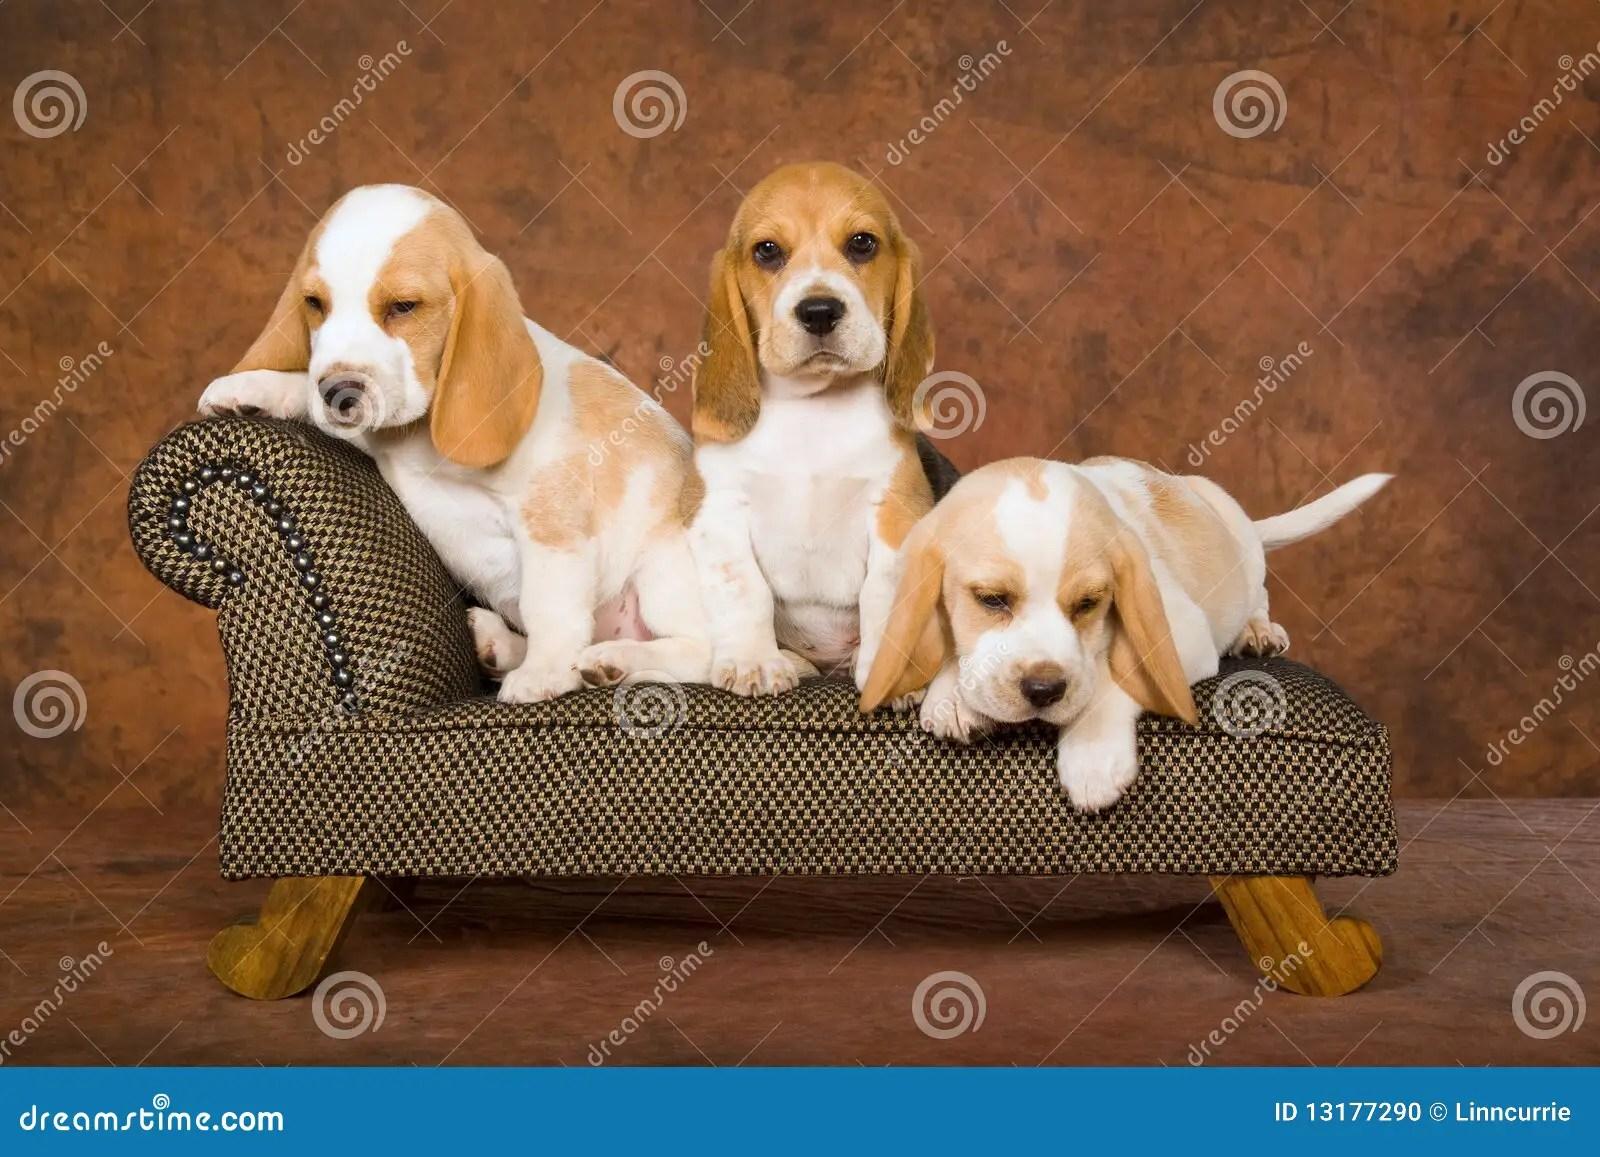 miniature sofa sleeper sectional sale chiots mignons de briquet sur le photo stock - image ...